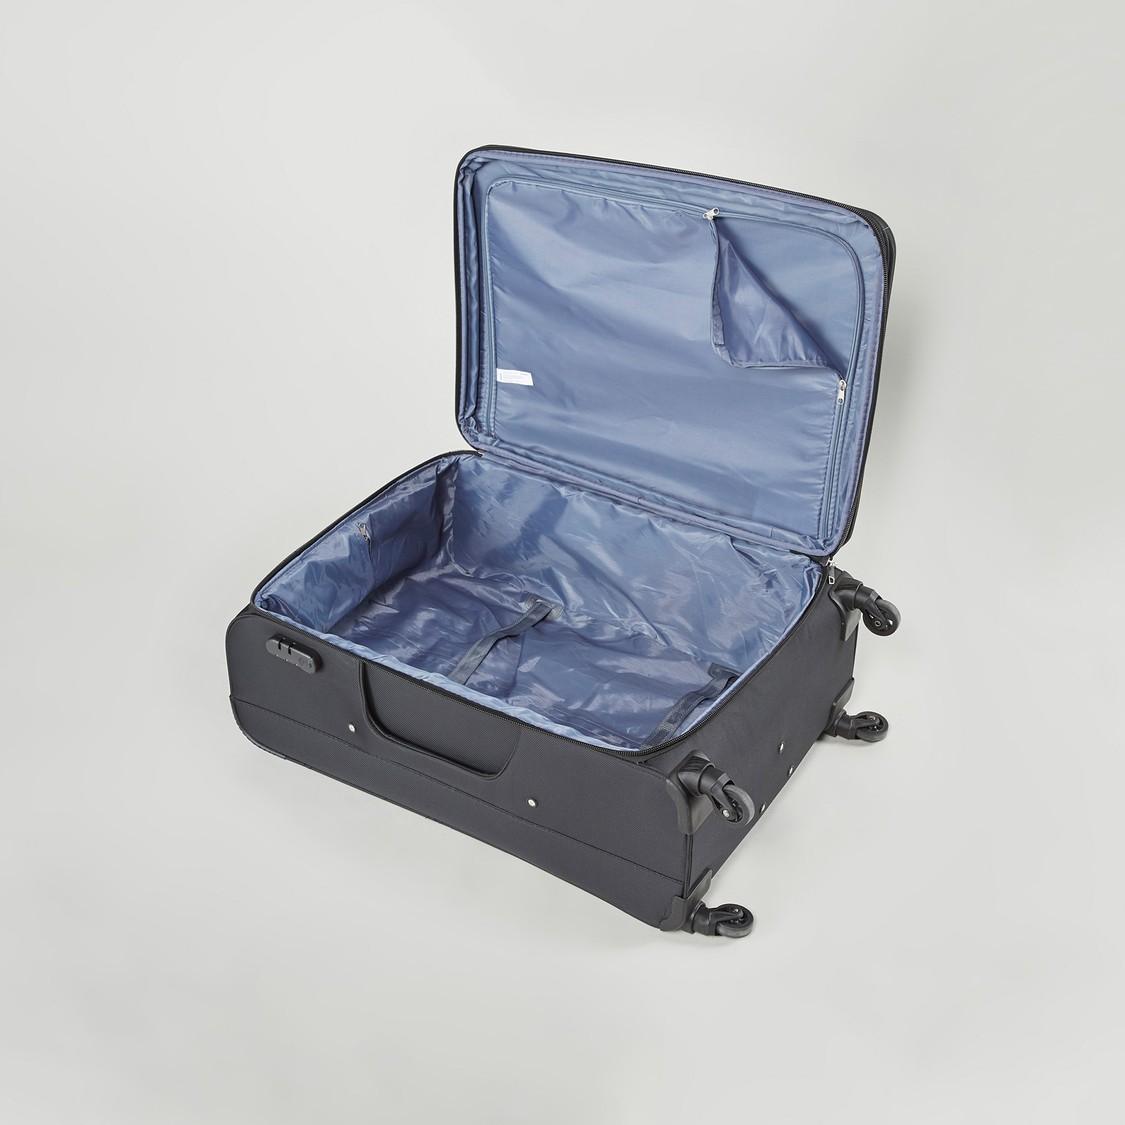 شنطة سفر ناعمة بارزة الملمس بمقبض قابل للسحب وعجلات دوّارة - 47x31x68 سم